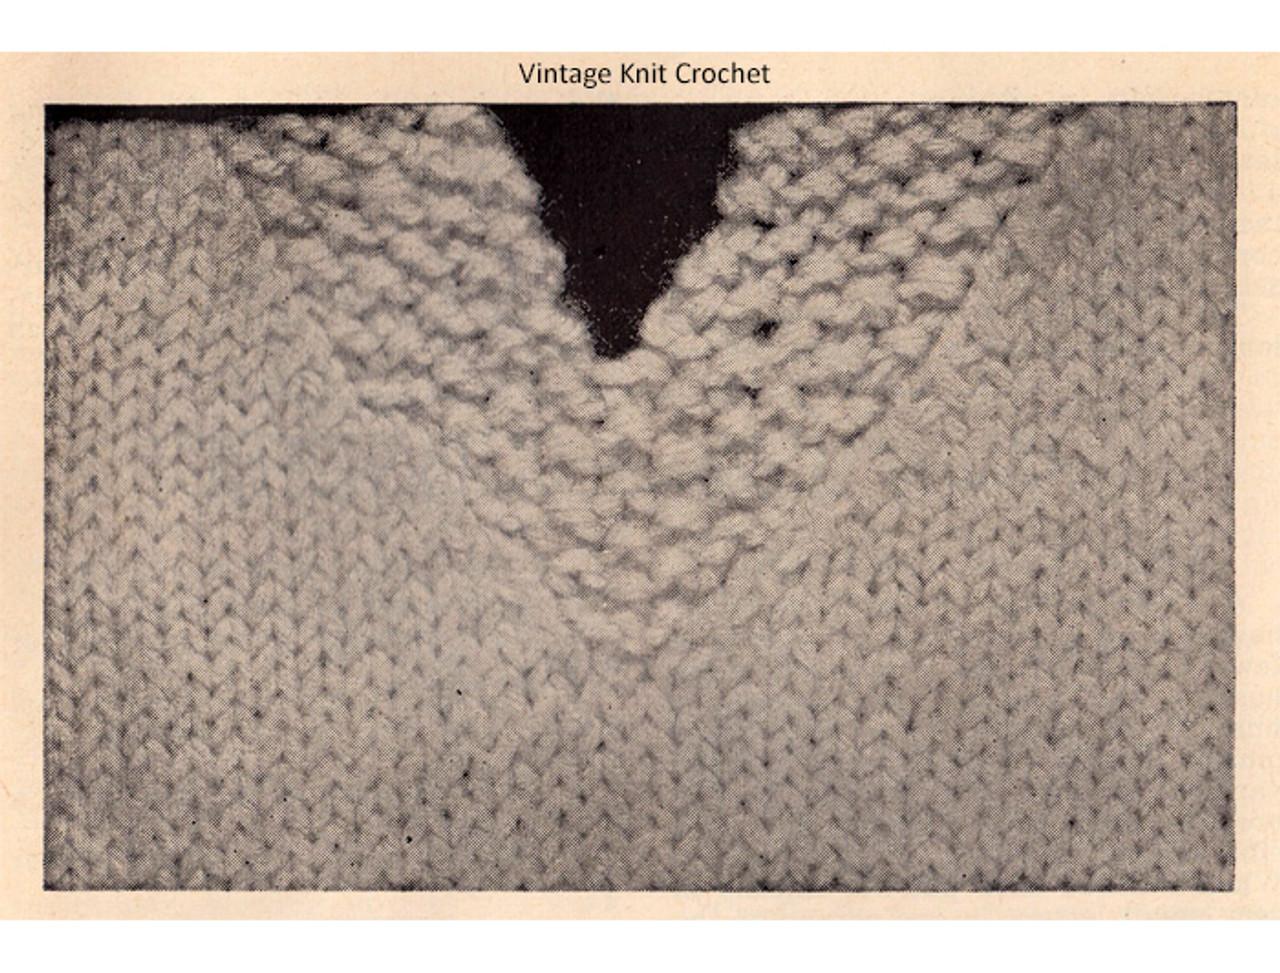 Seed Stitch Knitted Halter Top Pattern Illustraiton